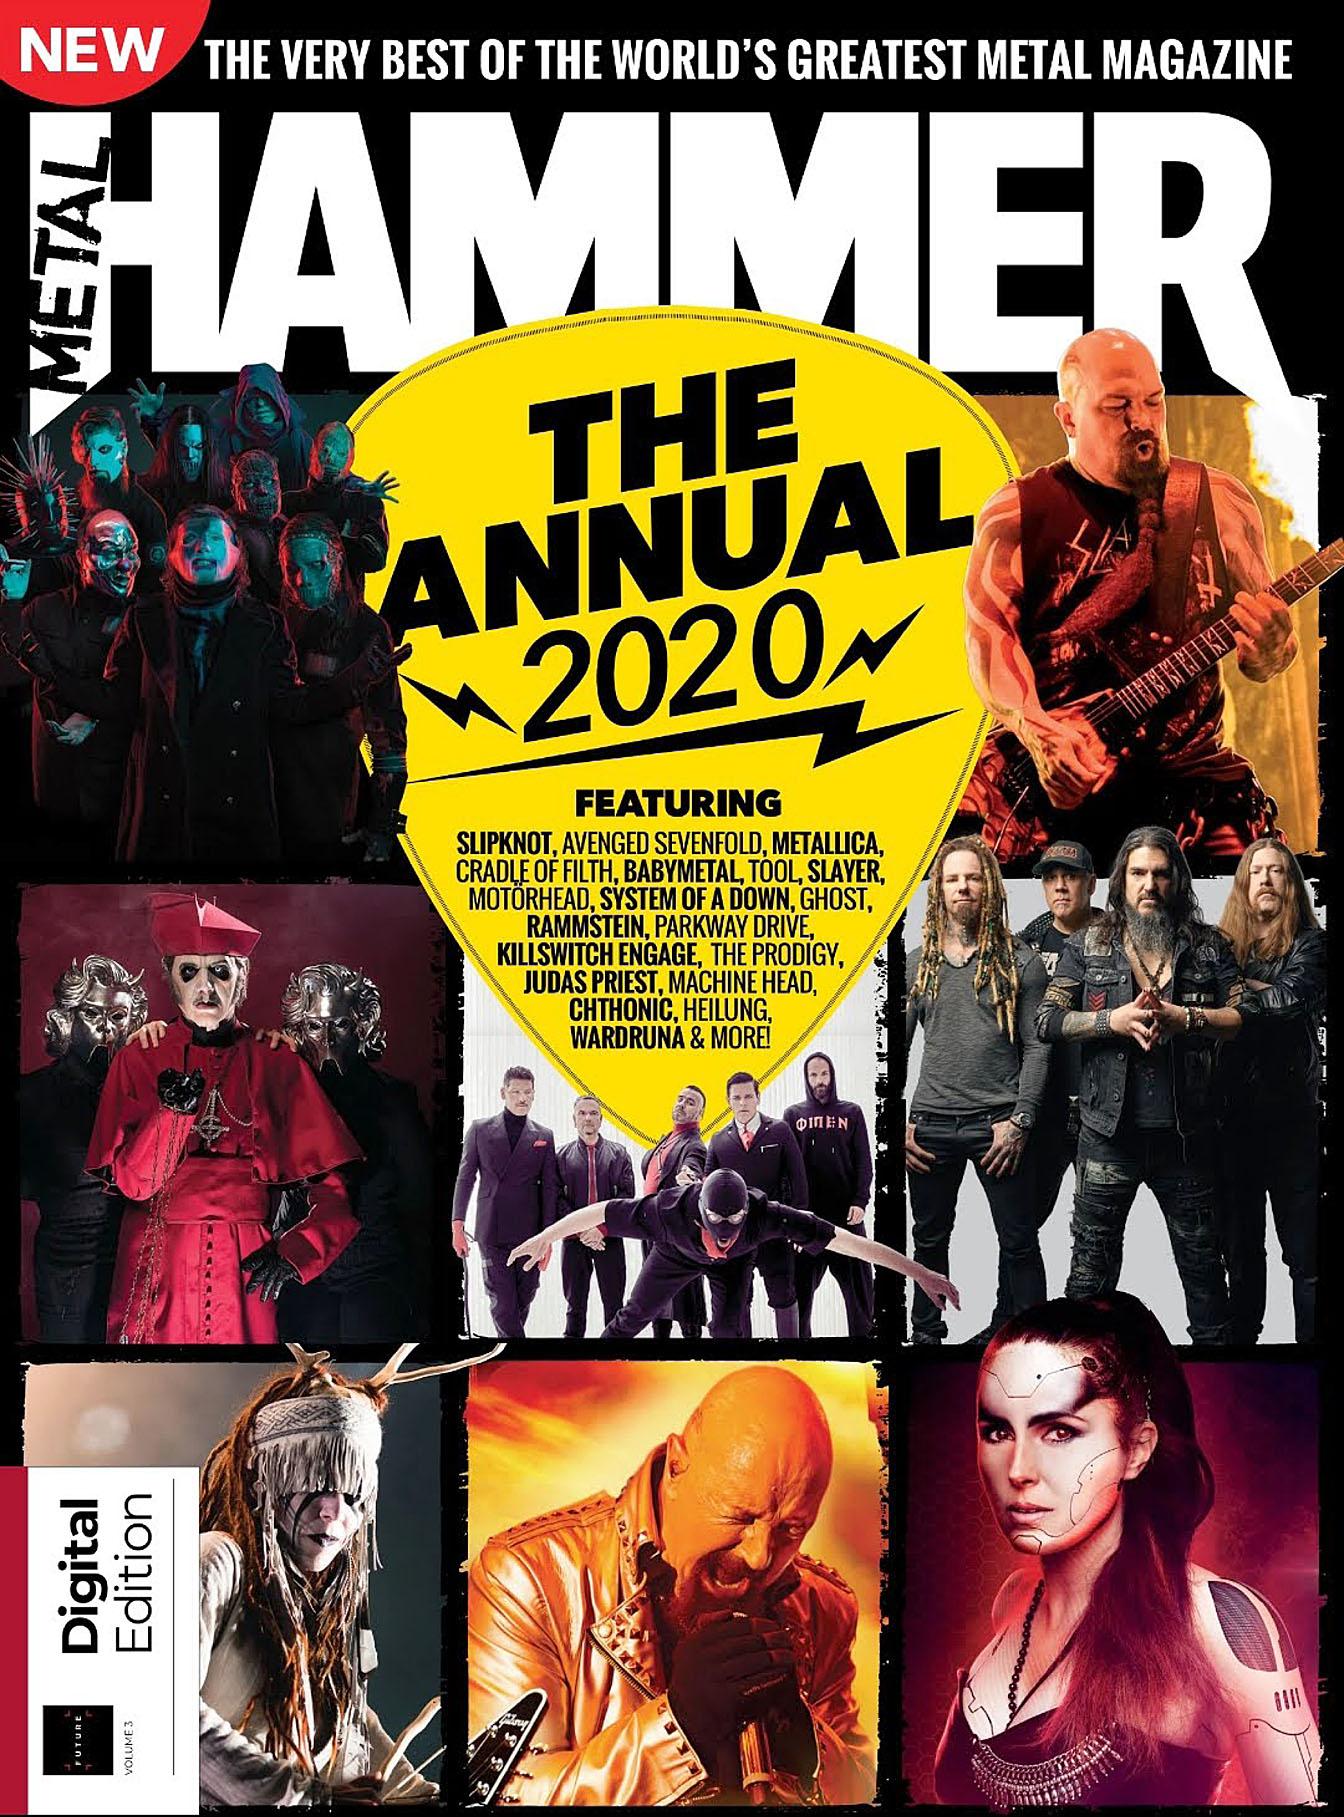 Metal Hammer Annual - Volume 3, 2020.jpg